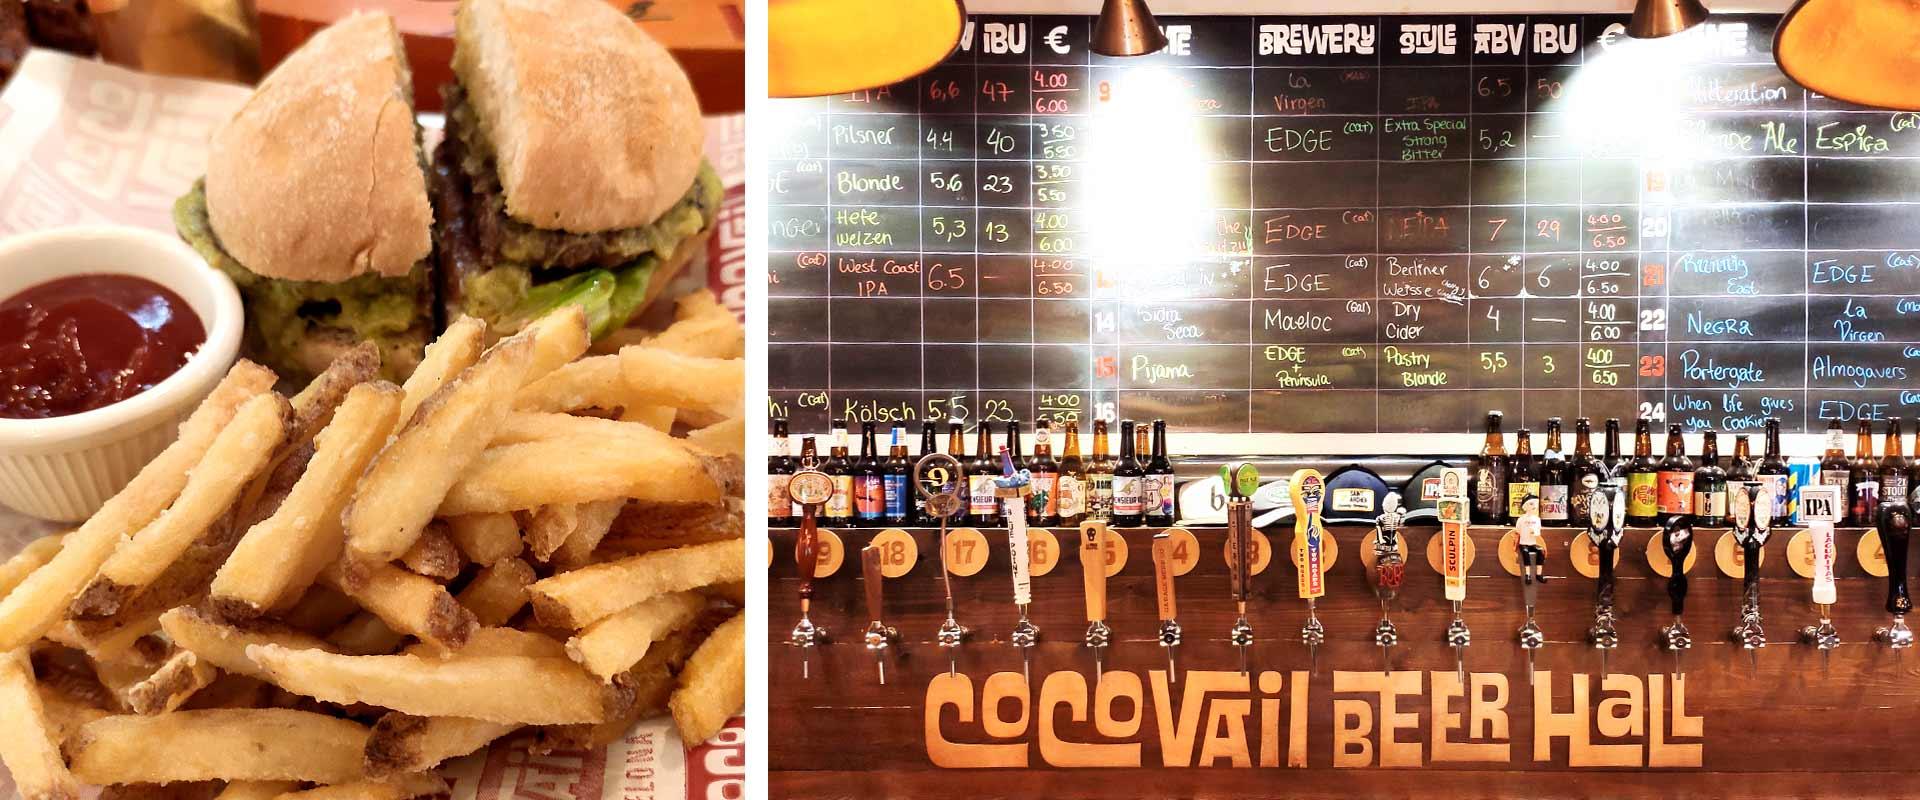 Cervecería CocoVail Beer Hall Barcelona